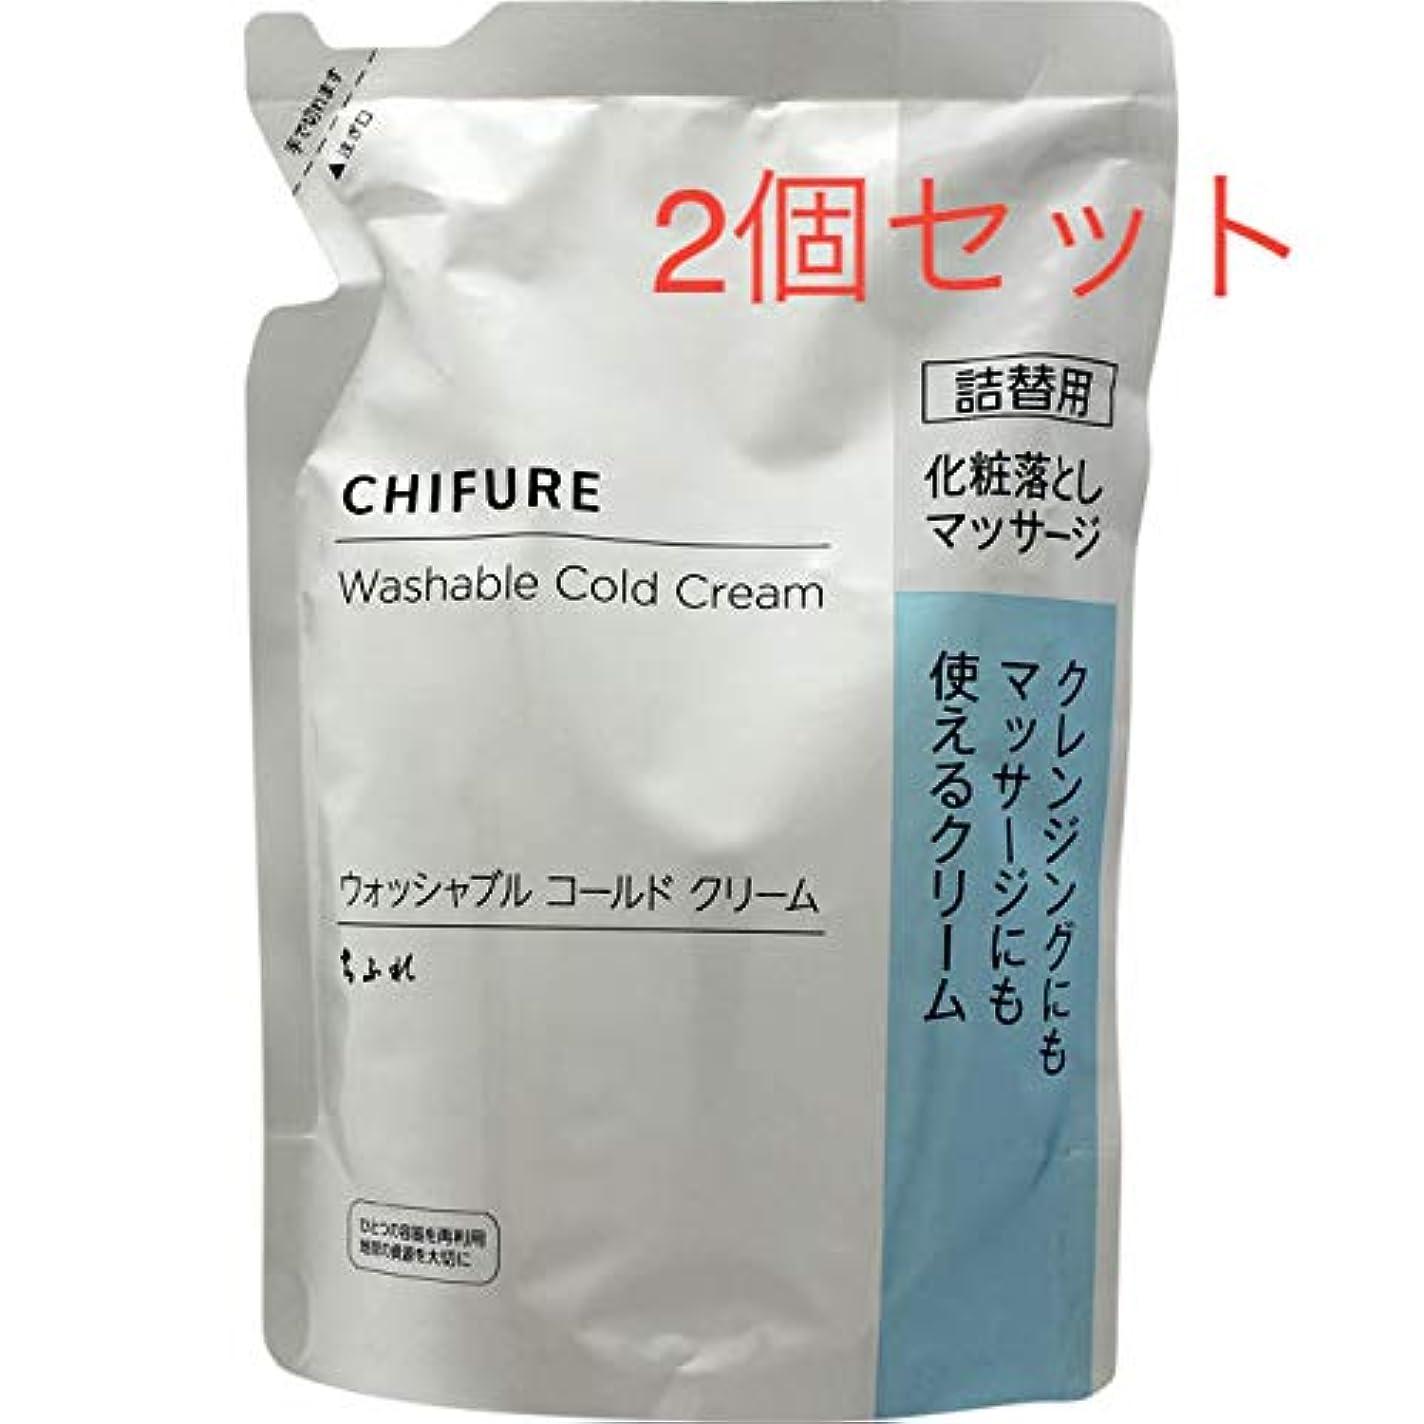 マトロン止まる不変ちふれ化粧品 ウォッシャブルコールドクリームN詰替 300g 2個セット